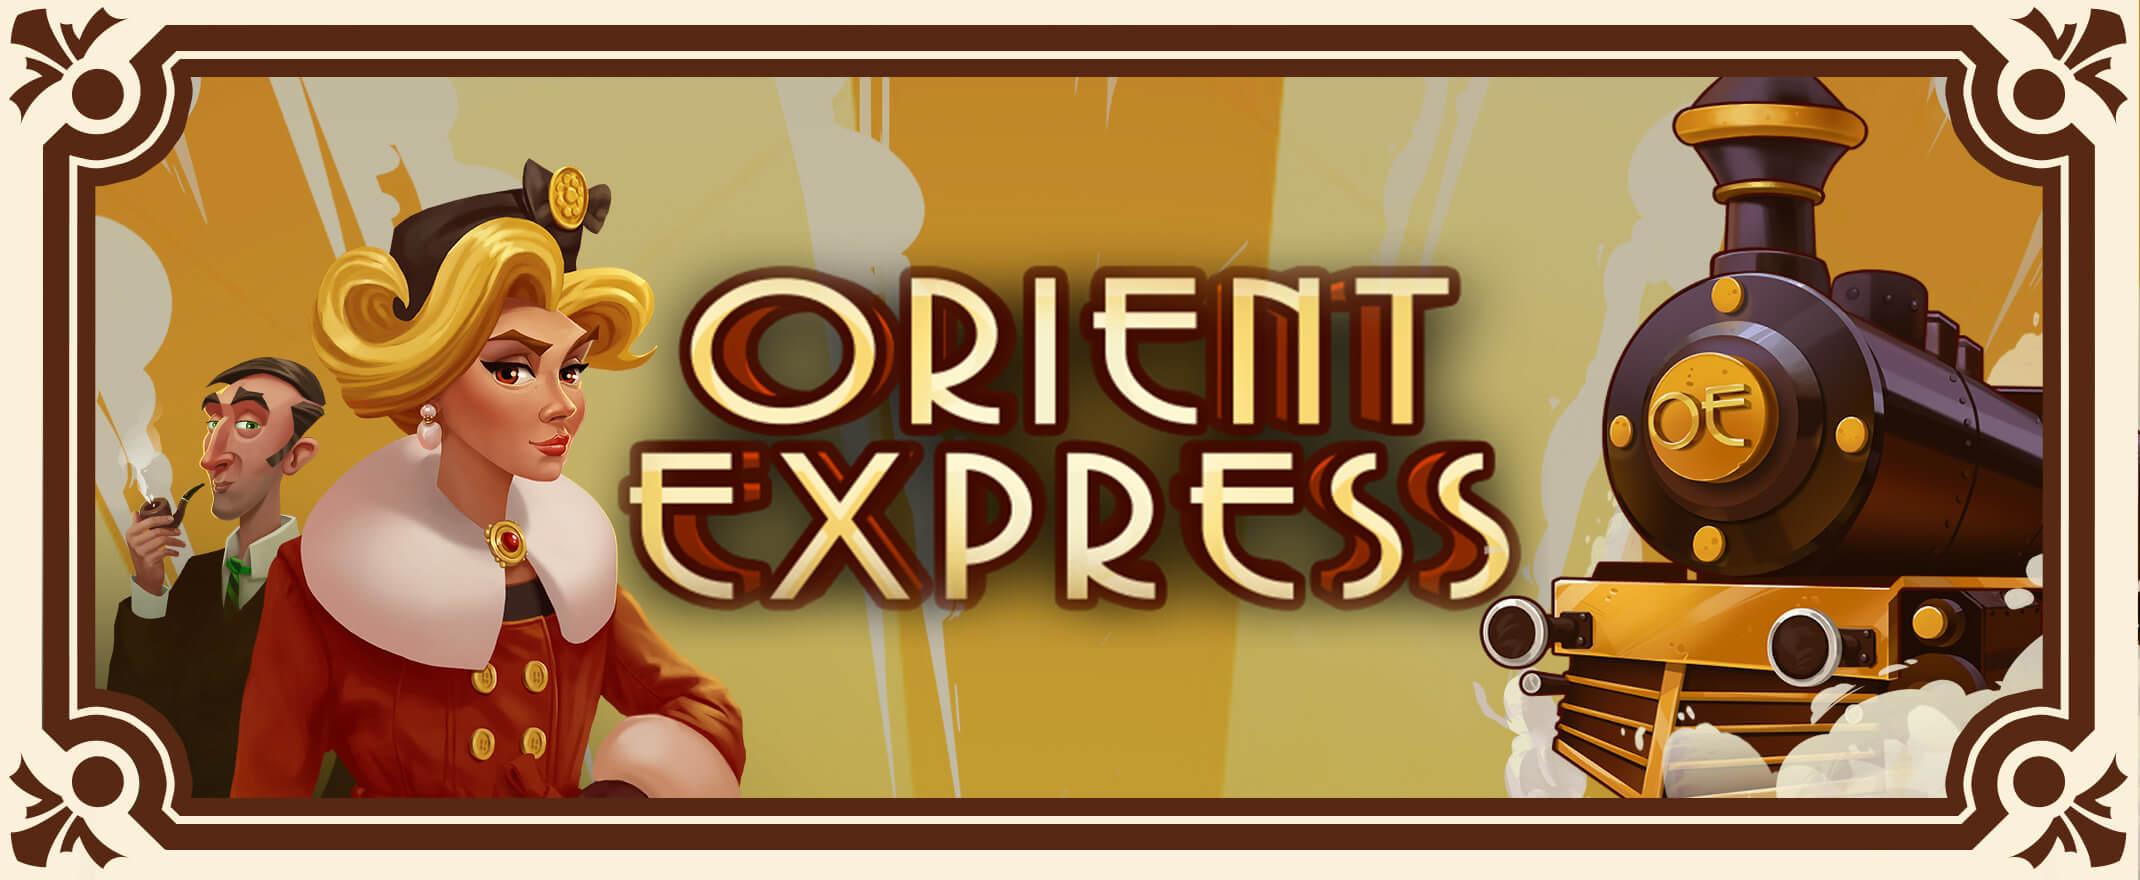 Orient Express casino banner